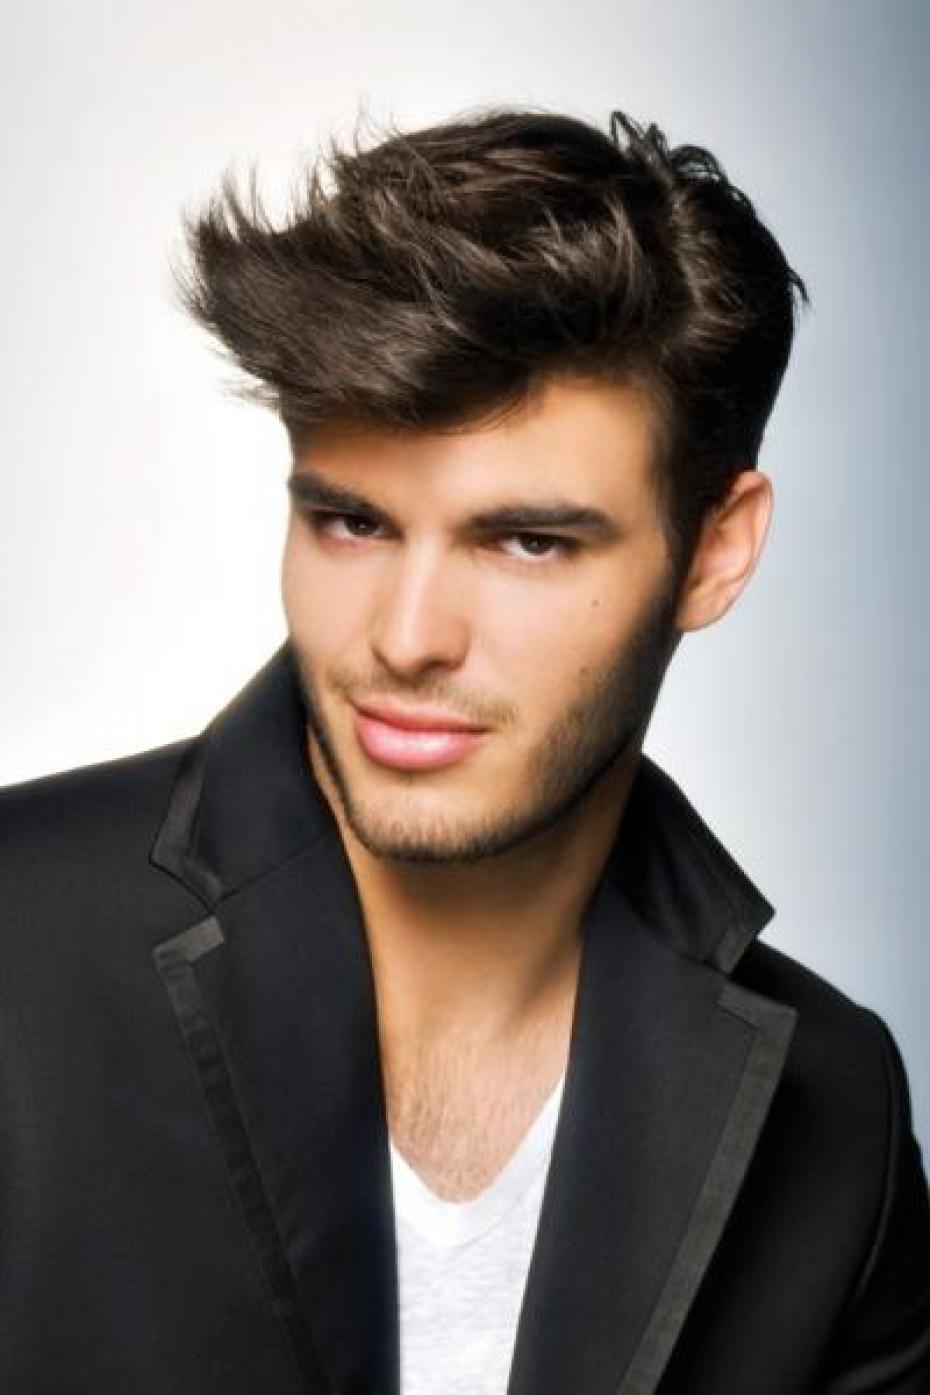 Cheveux il faut une coupe qui corresponde la forme de for Coupe de cheveux qui affine le visage homme